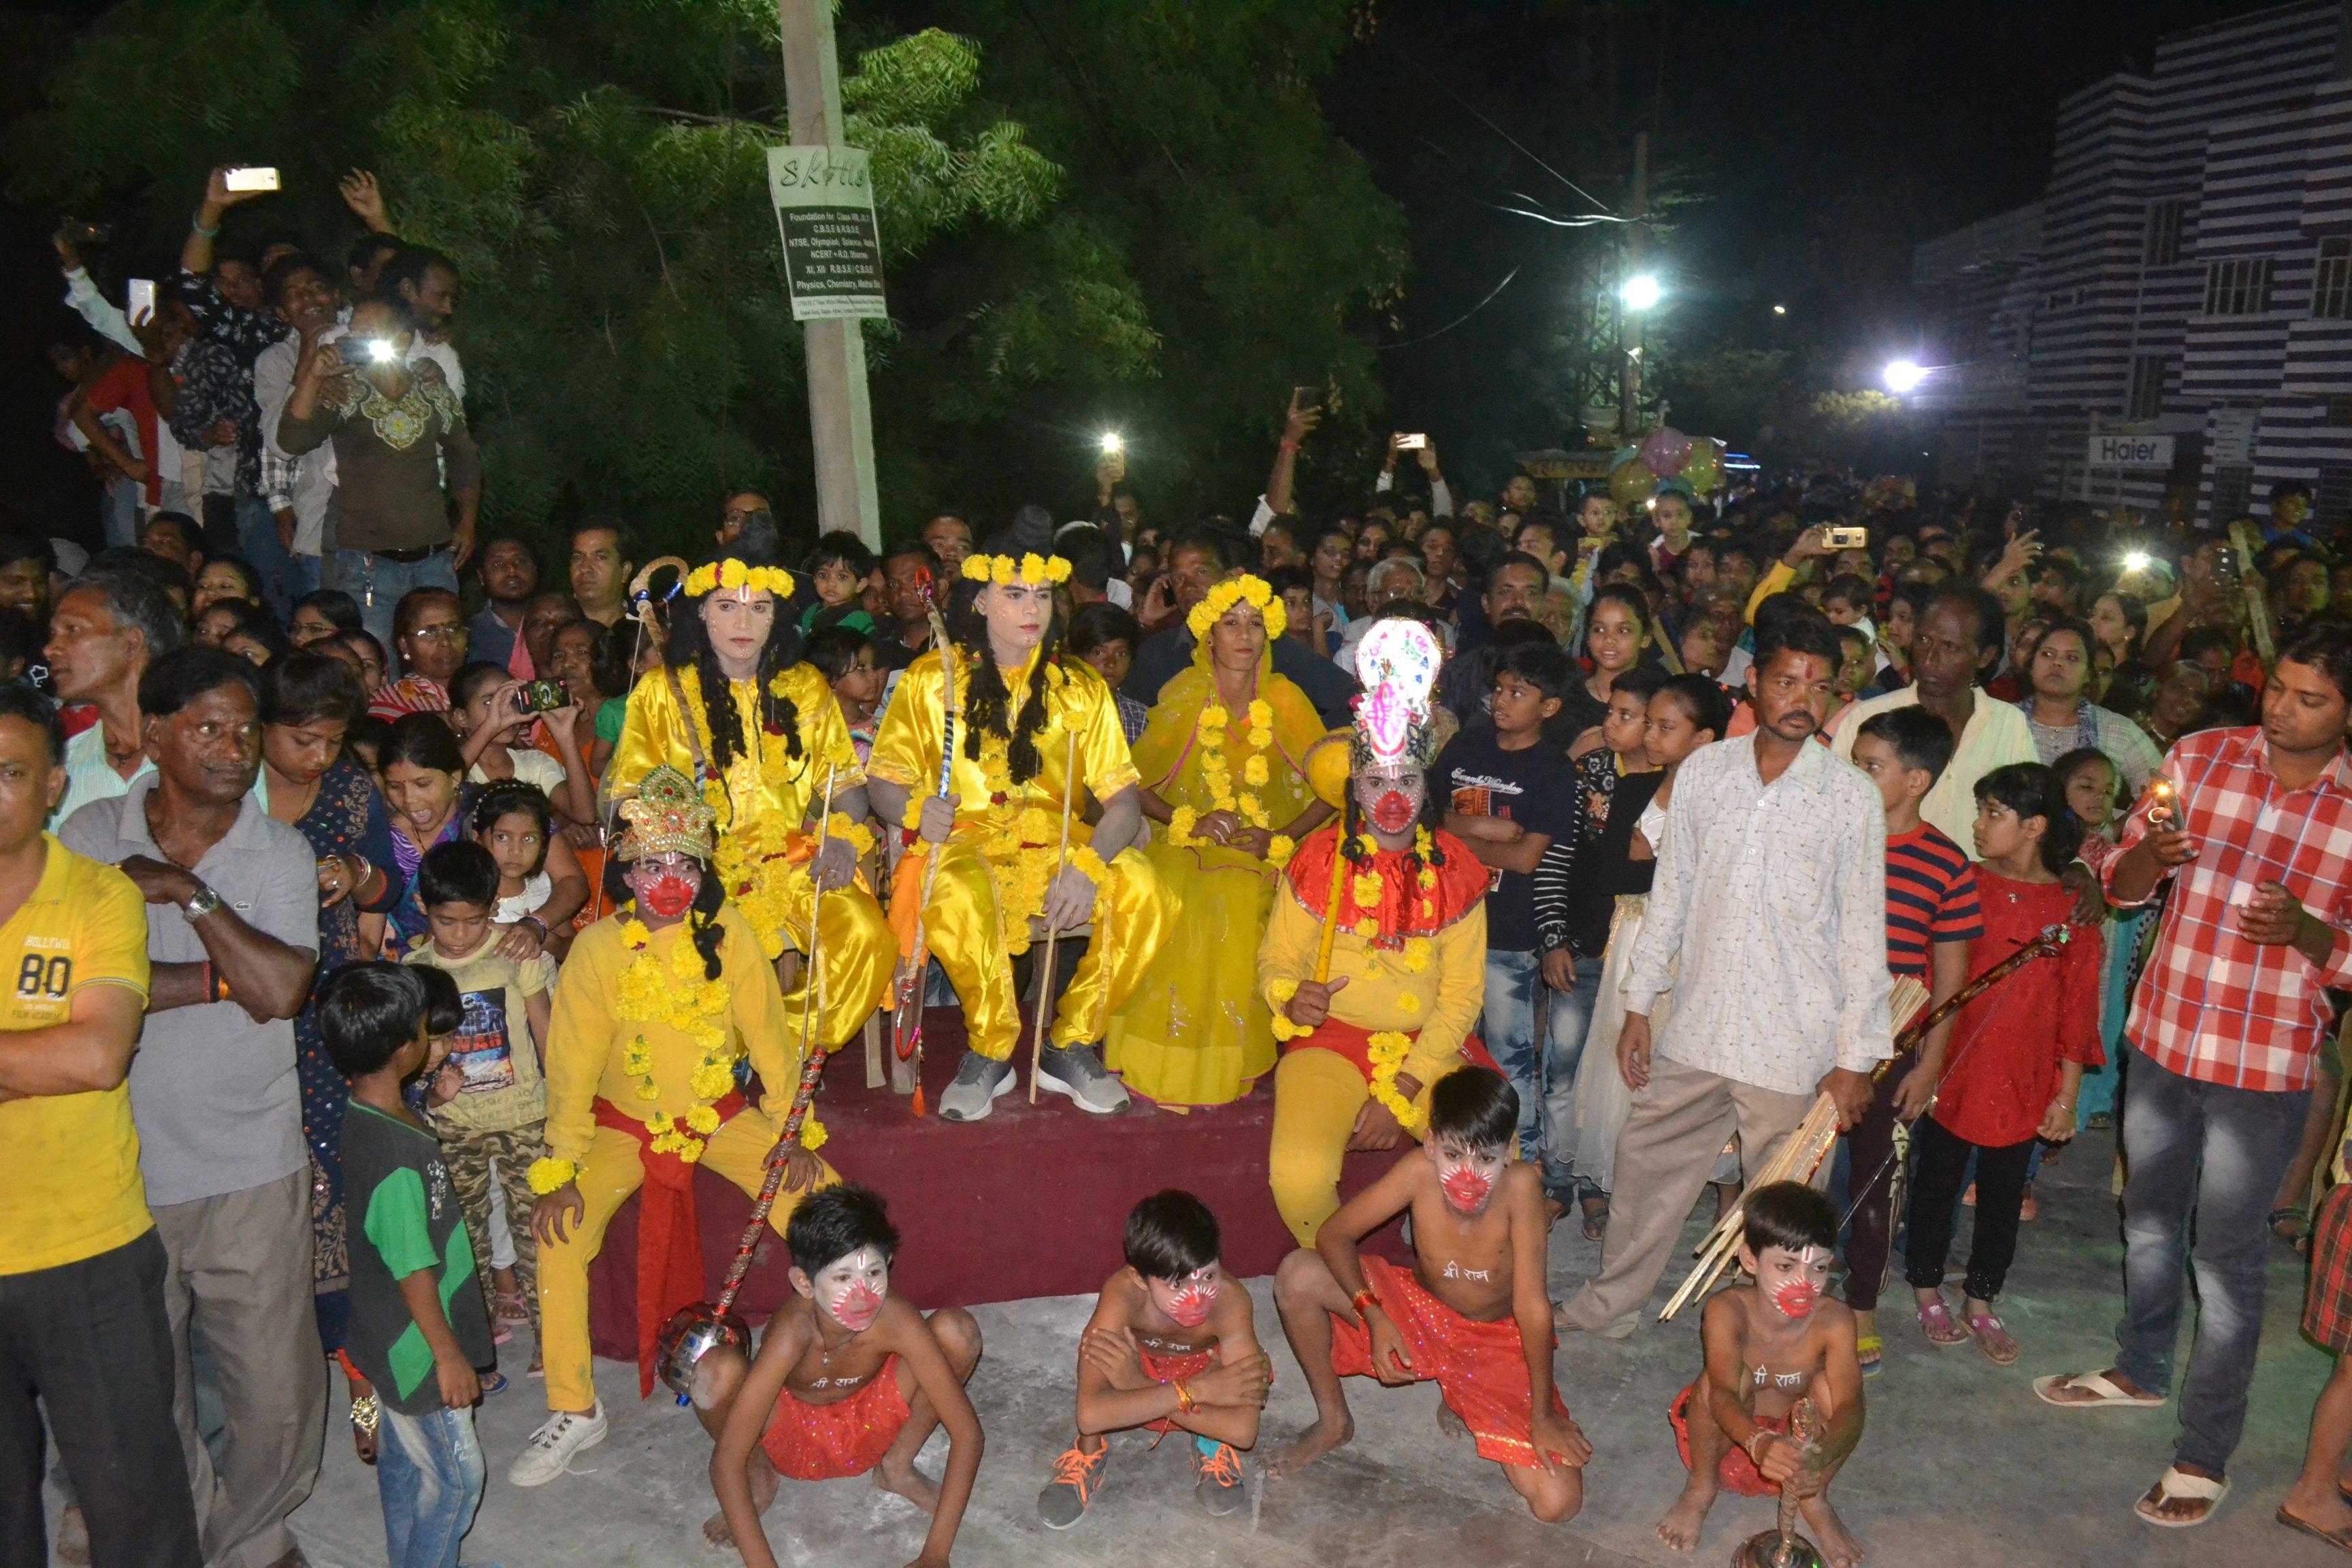 यहां एक मोहल्ले में रहते रावण और भगवान राम, हनुमानजी करते हैं ये काम